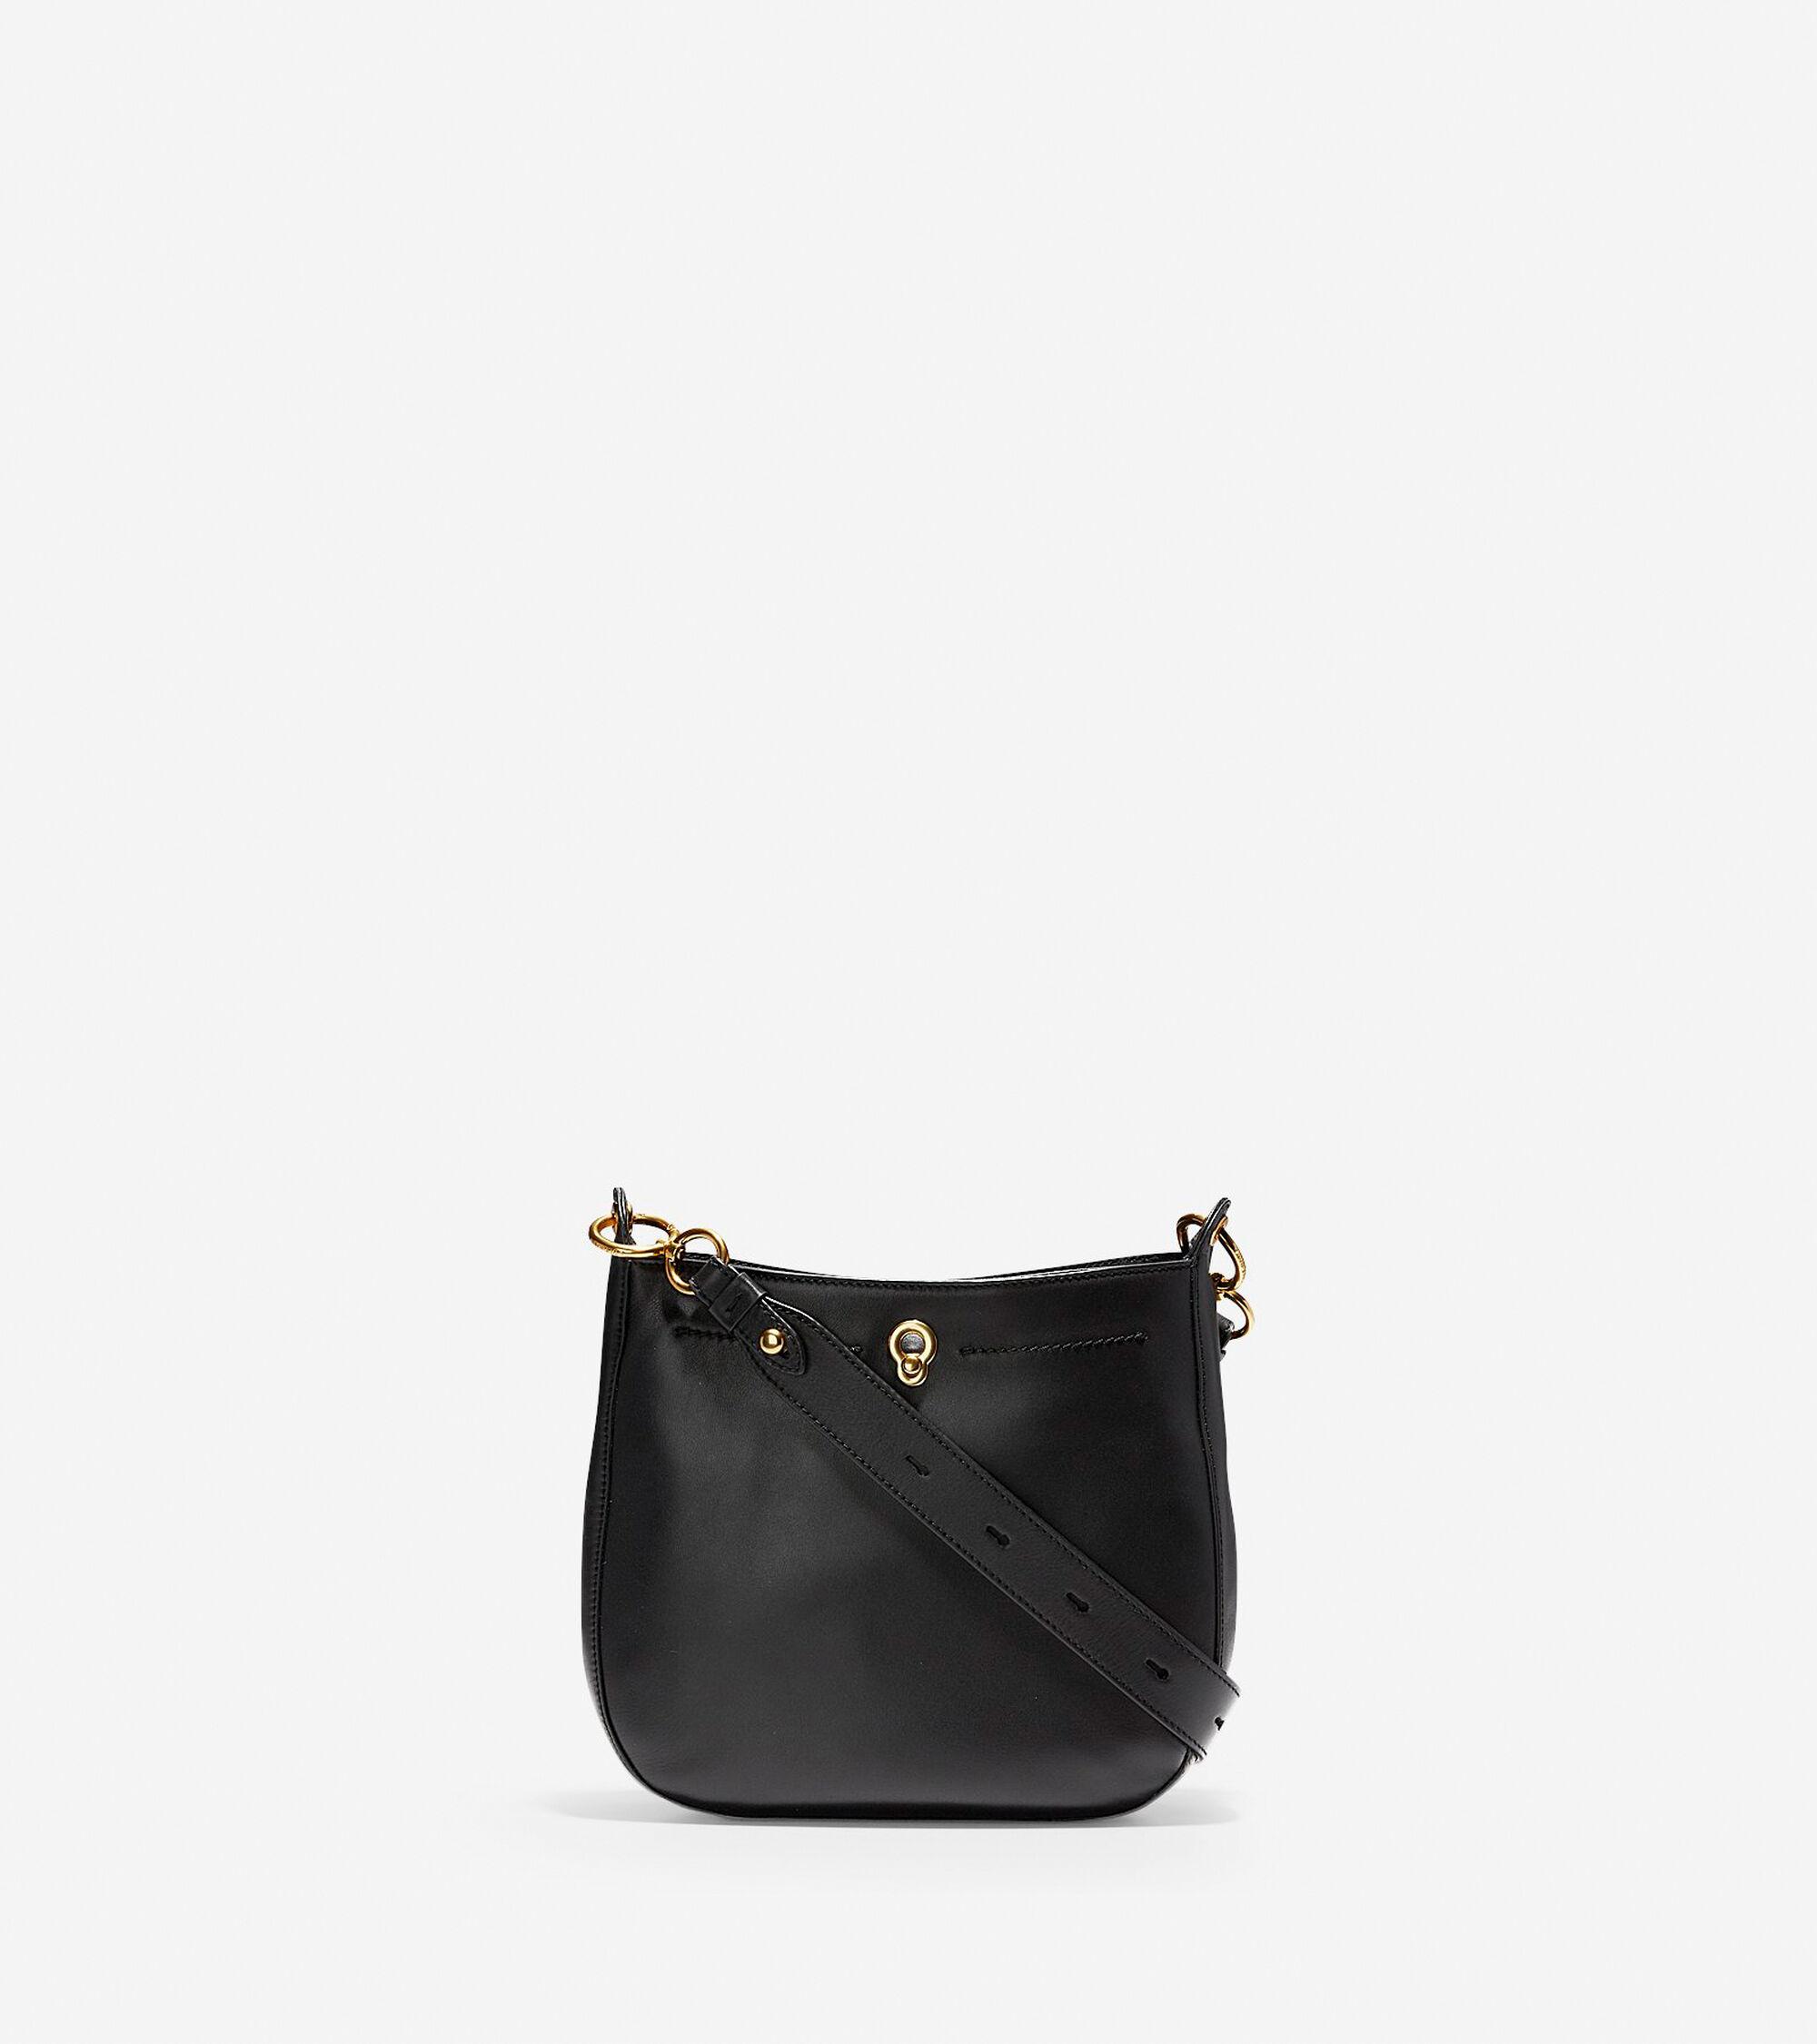 6798d6747d8c Handbags   Zoe Crossbody. roll-over to zoom